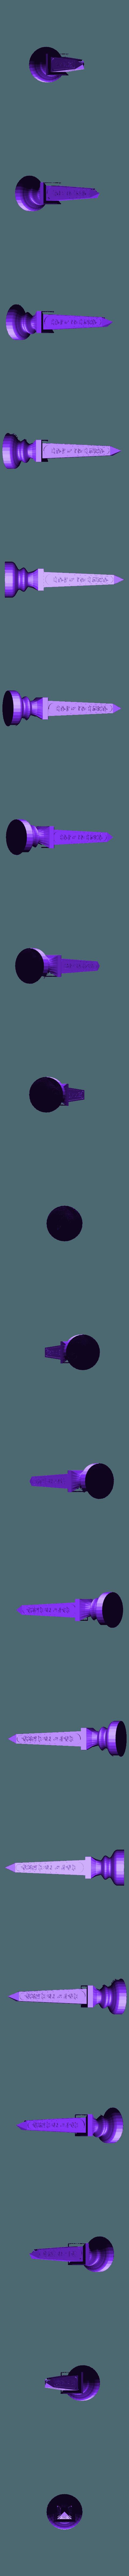 Rook.stl Télécharger fichier STL gratuit Les échecs égyptiens : vivants ou morts • Modèle à imprimer en 3D, MartinHaurane